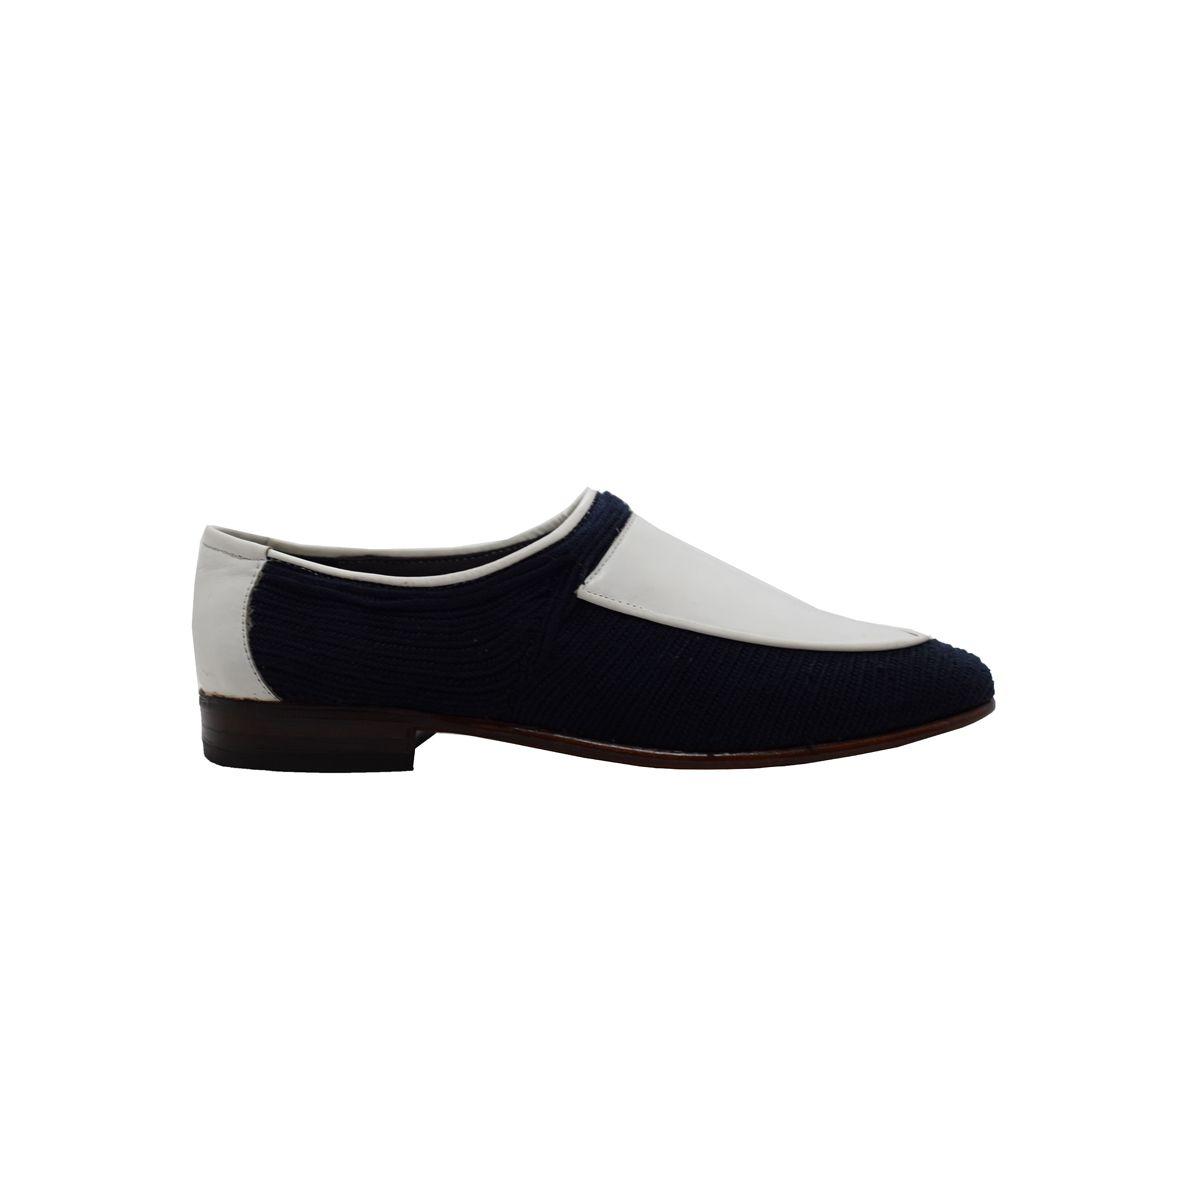 کفش زنانه دگرمان مدل آبان کد deg.1ab1014 -  - 4